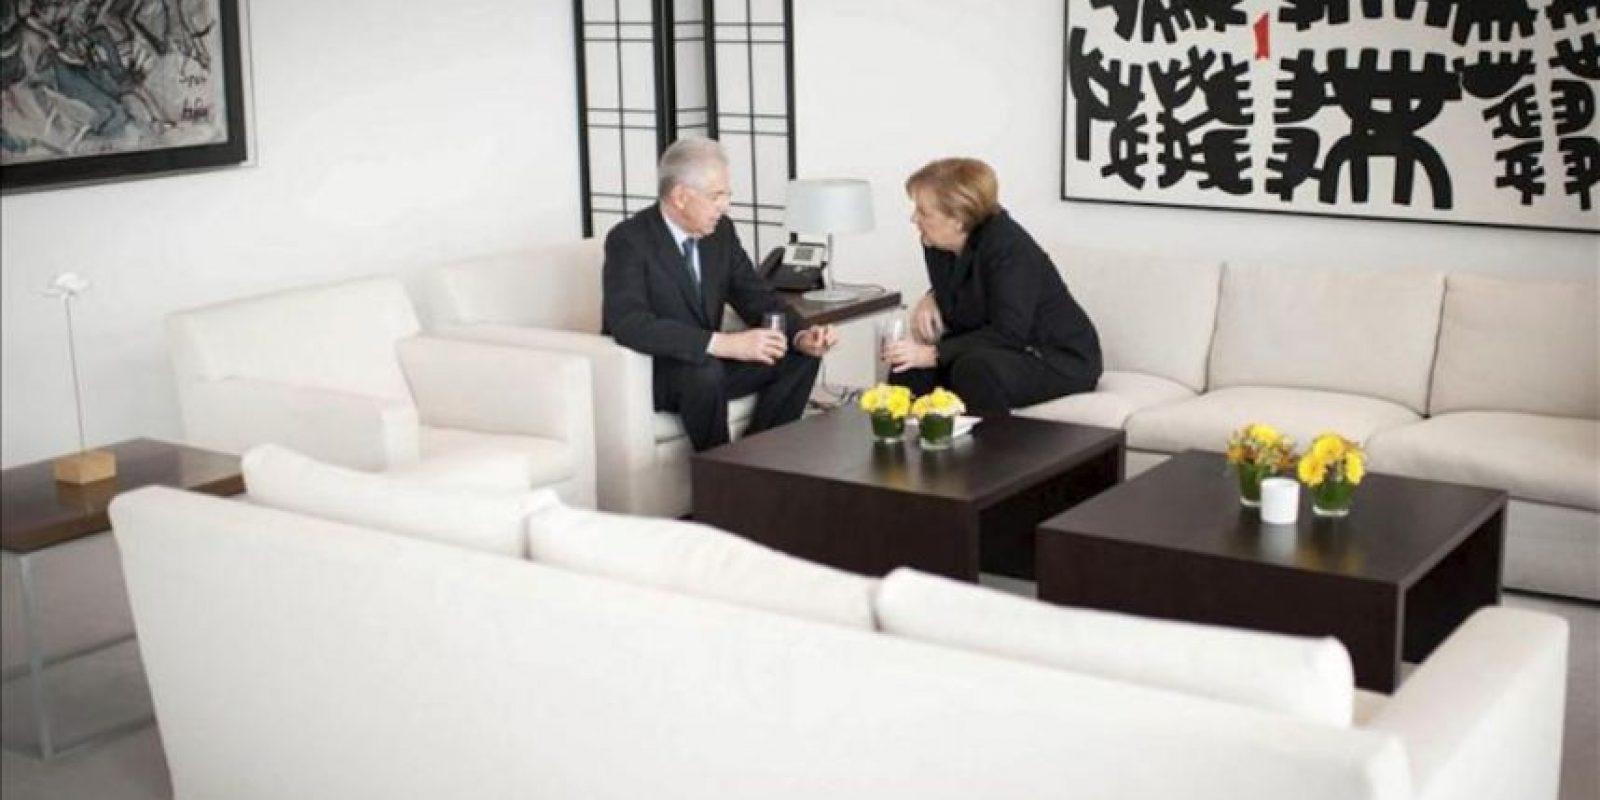 Fotografía cedida por el Gobierno alemán de la canciller alemana, Angela Merkel (d), y el primer ministro italiano, Mario Monti, en la sede de la Cancillería en Berlín, Alemania. EFE